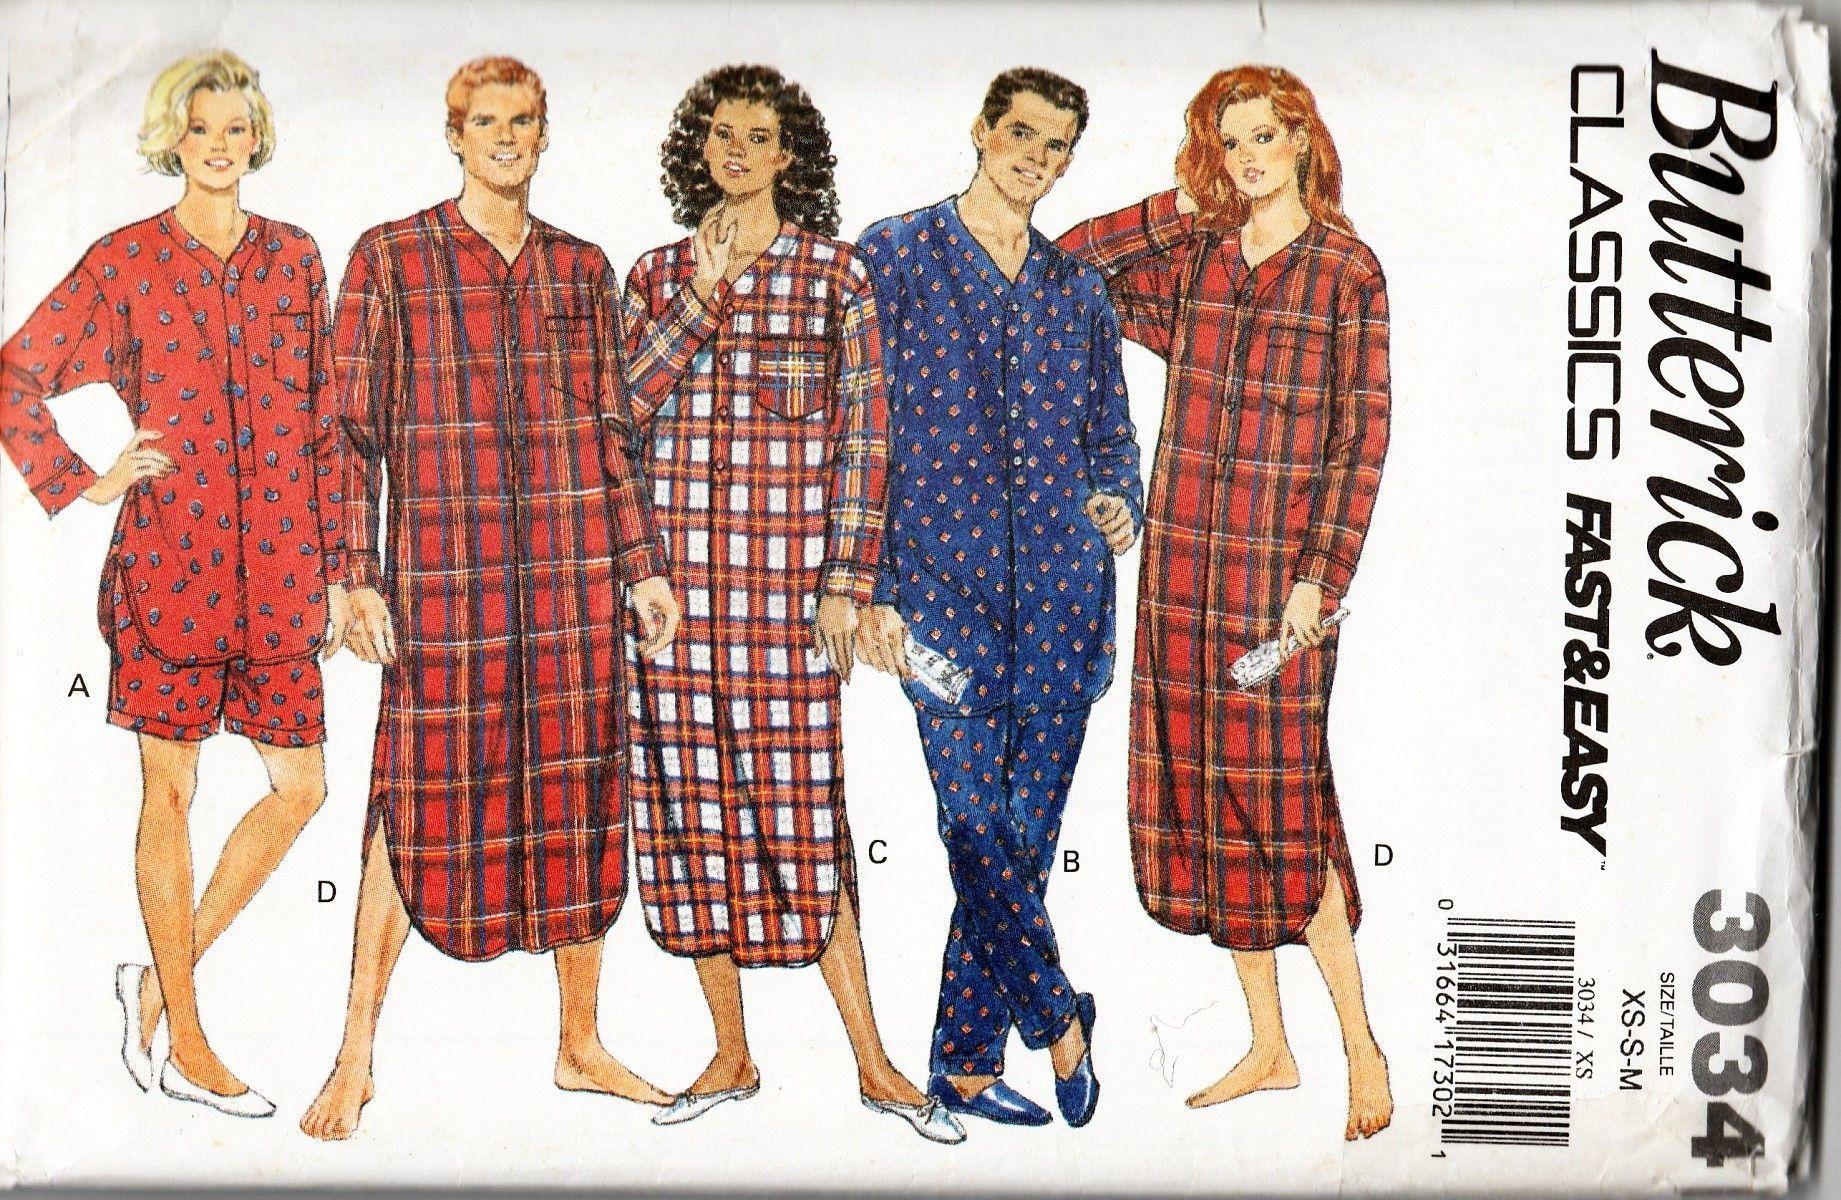 9a54aa587f 90s Men Women Unisex PJs Pajamas Nightshirt Sleepwear Sewing Pattern  Butterick 3034 XS-S-M